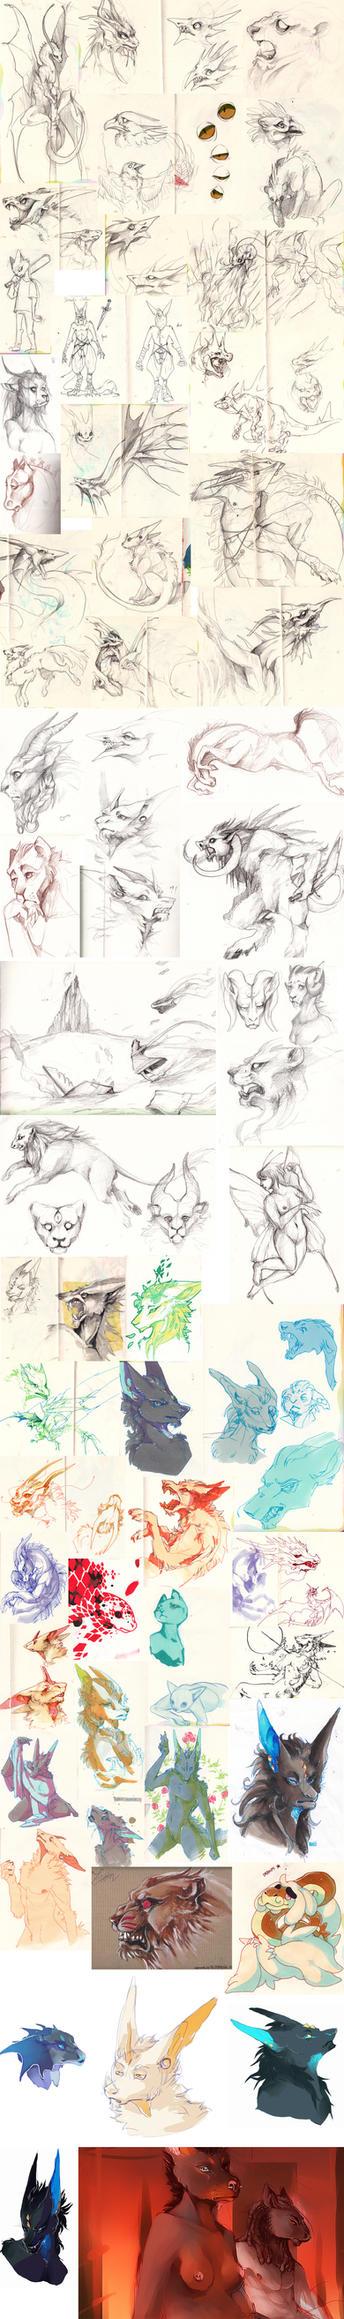 Doodle dump 24 by Ravoilie